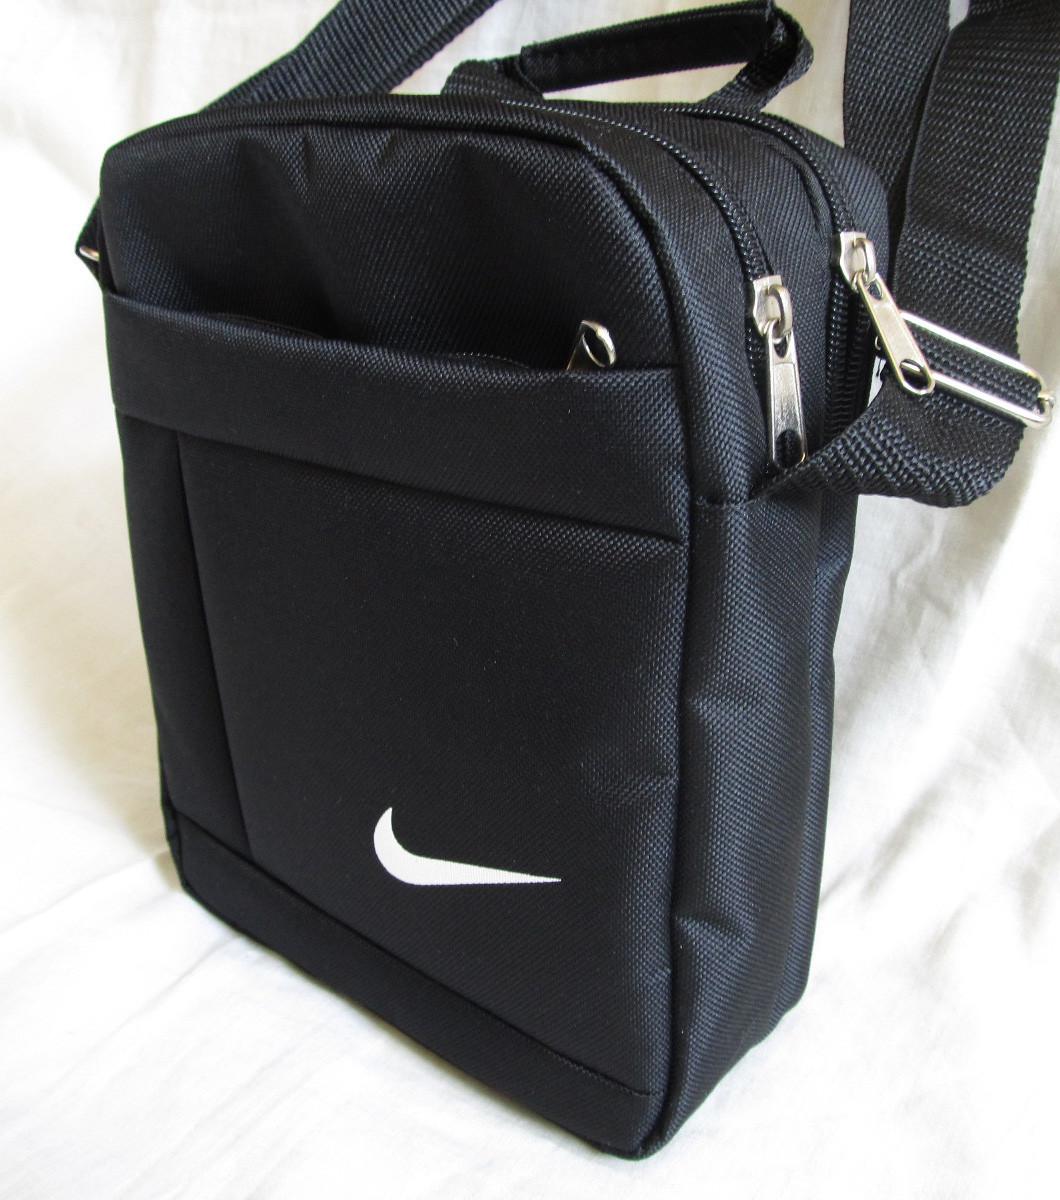 064cfc779ca7 Мужская сумка через плечо спортивная барсетка черная 23х19х8см -  Интернет-магазин